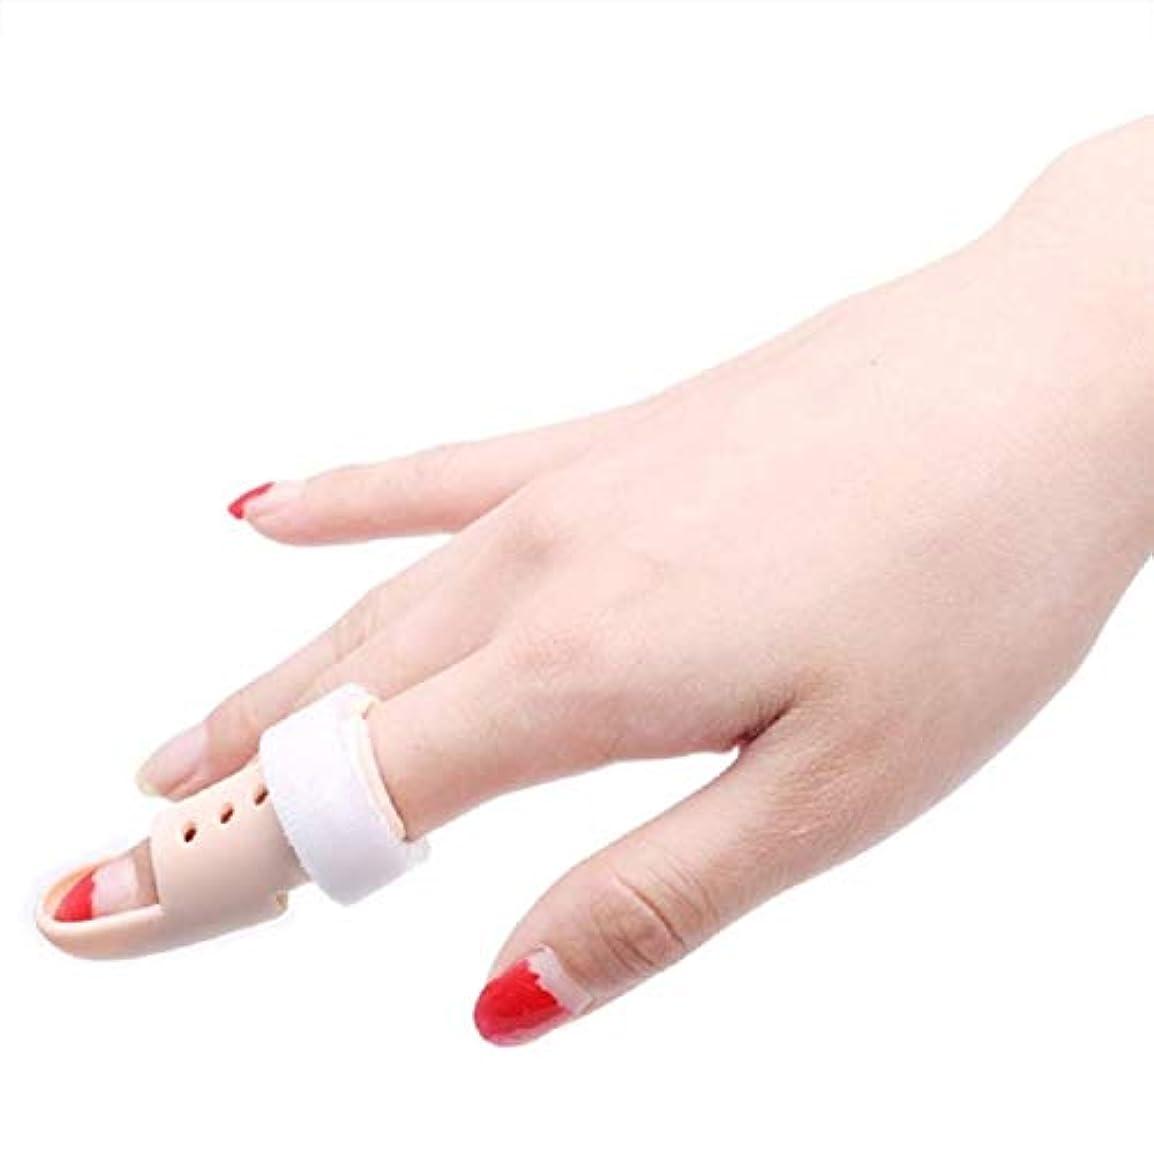 地下室生きる変なスプリント指、指セパレーター、指の指セパレーターインソール、軽量、通気性、拘束安定AND NOT、両手に適合、ばね指のスプリント (Size : XL)